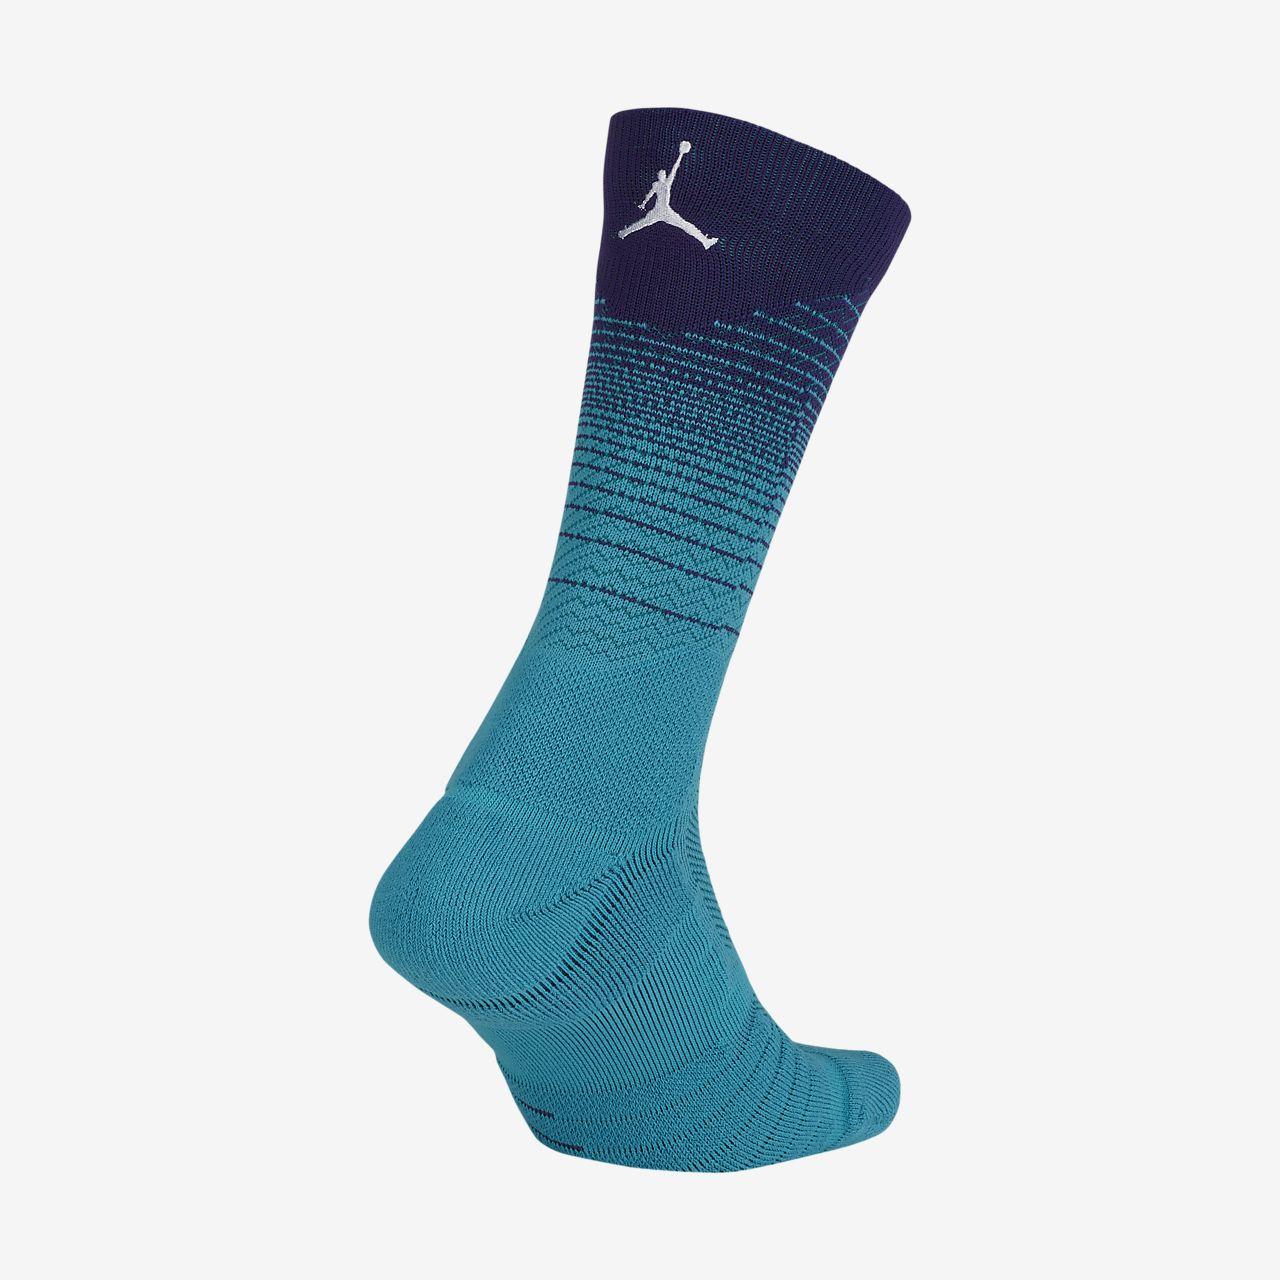 ... Chaussettes NBA mi-mollet mixtes Charlotte Hornets City Edition Jordan  Elite Quick